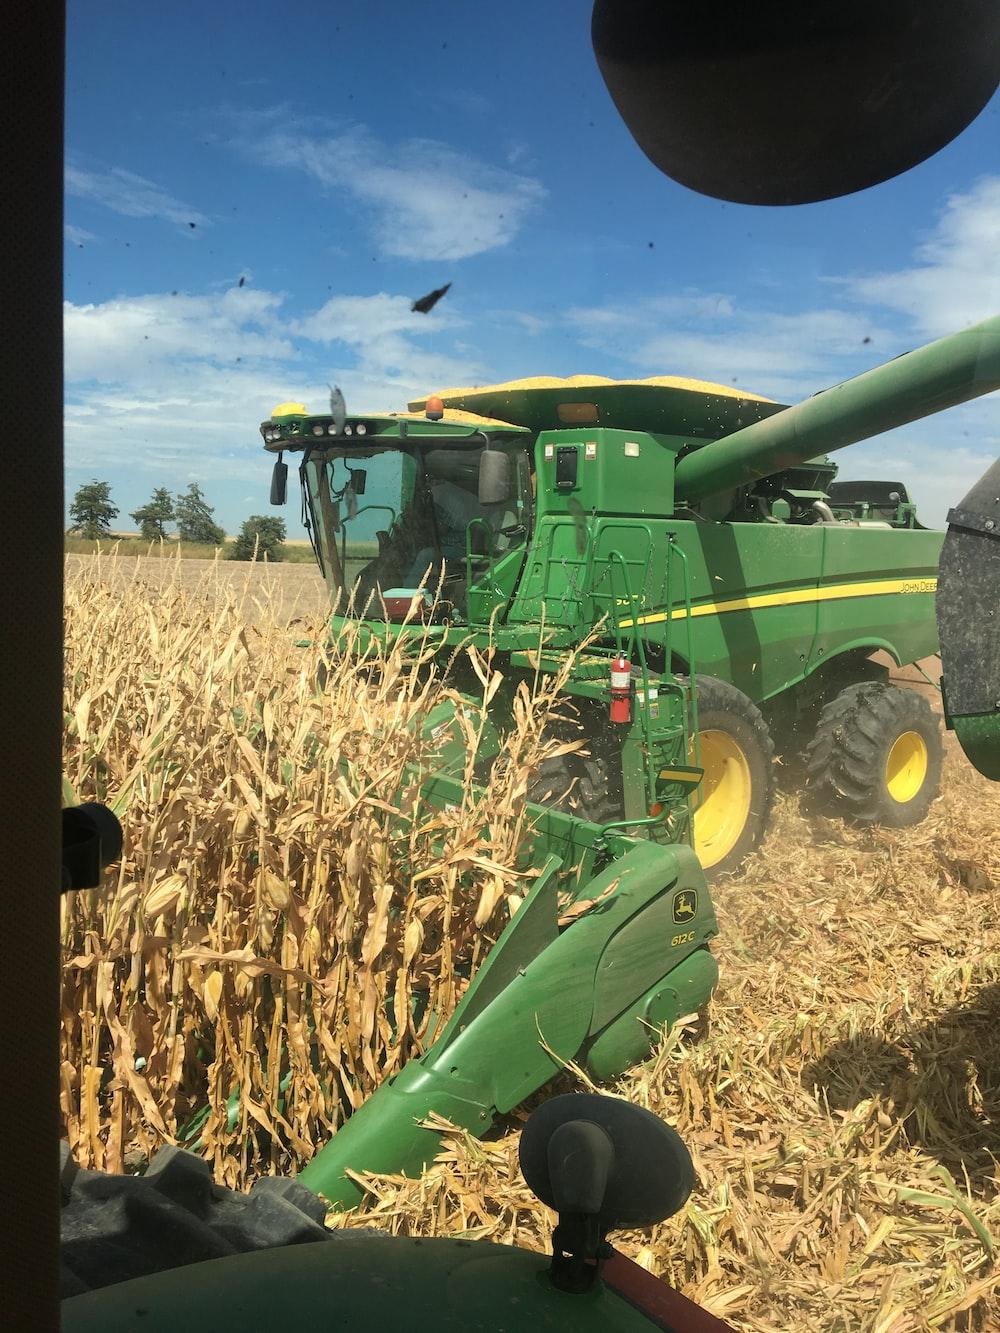 green harvester harvesting corn in field